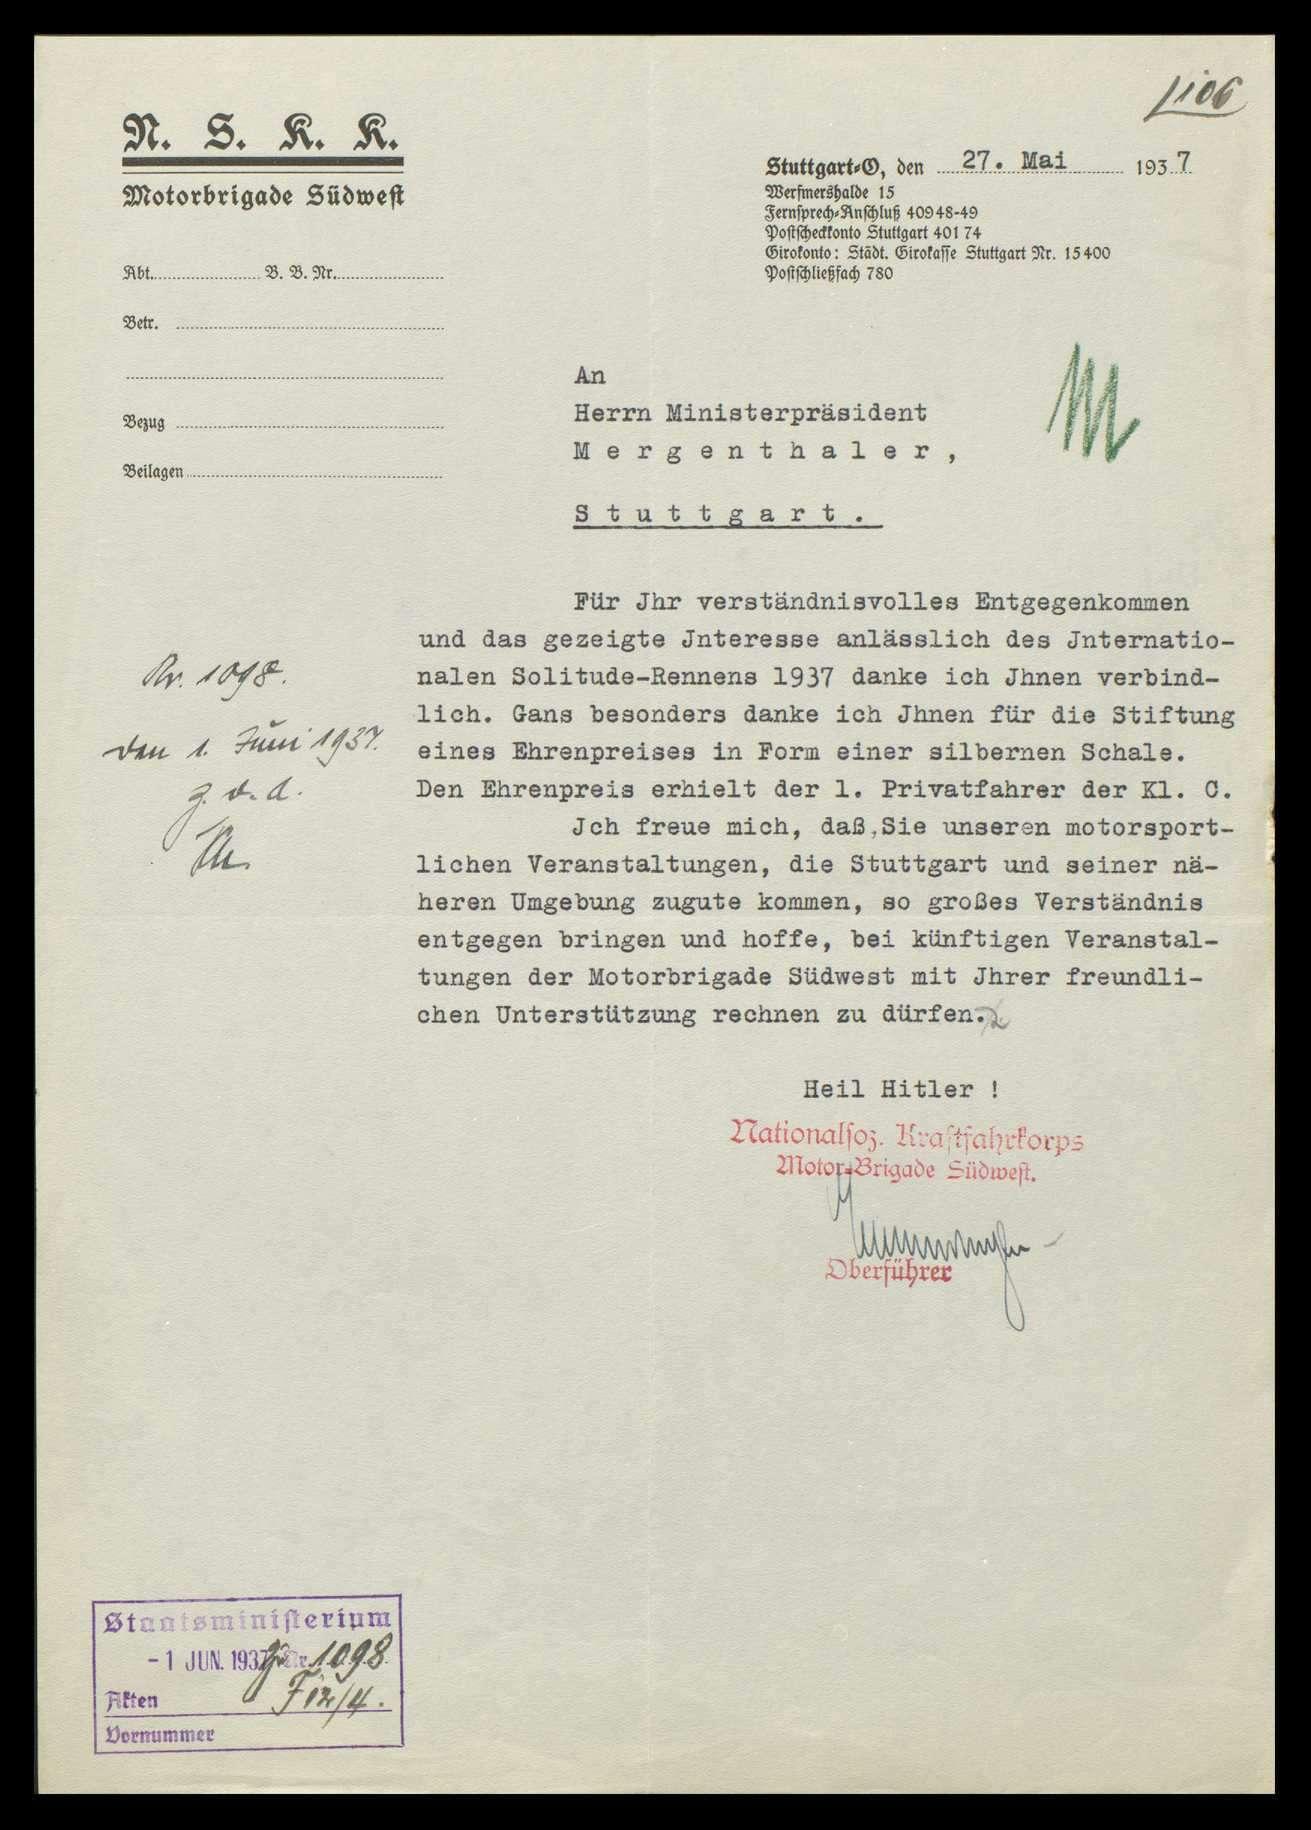 Abhaltung von Solitude-Rennen, Einladungen an den Staats- bzw. Ministerpräsidenten und Stiftung von Preisen, Bild 3